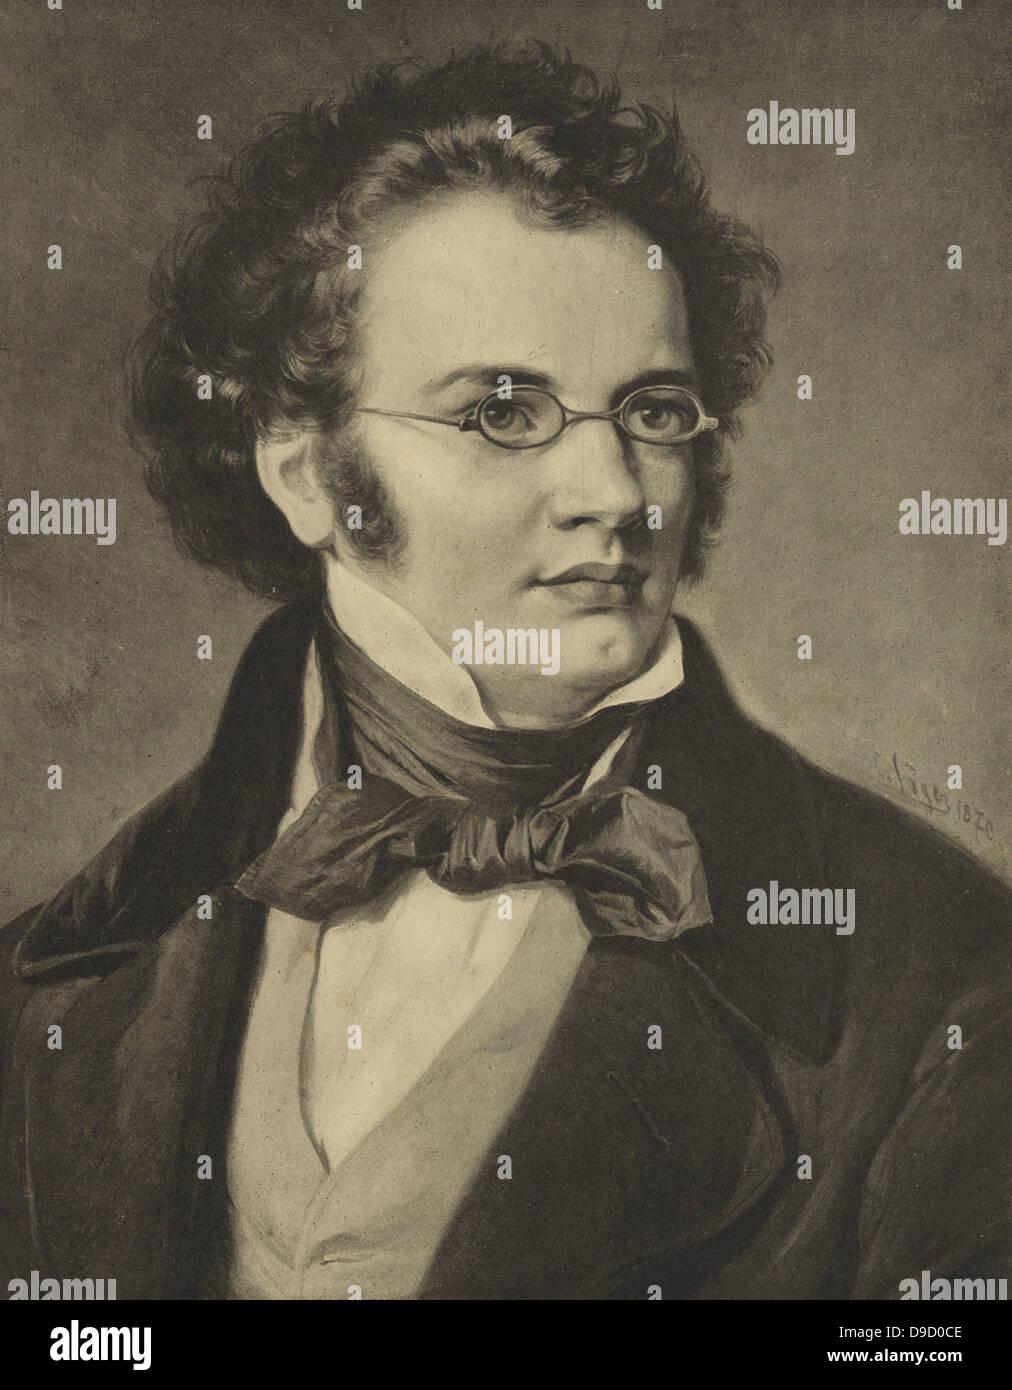 Franz Peter Schubert (1797-1828) österreichischer Komponist der frühen Romantik.  Gravur. Stockbild